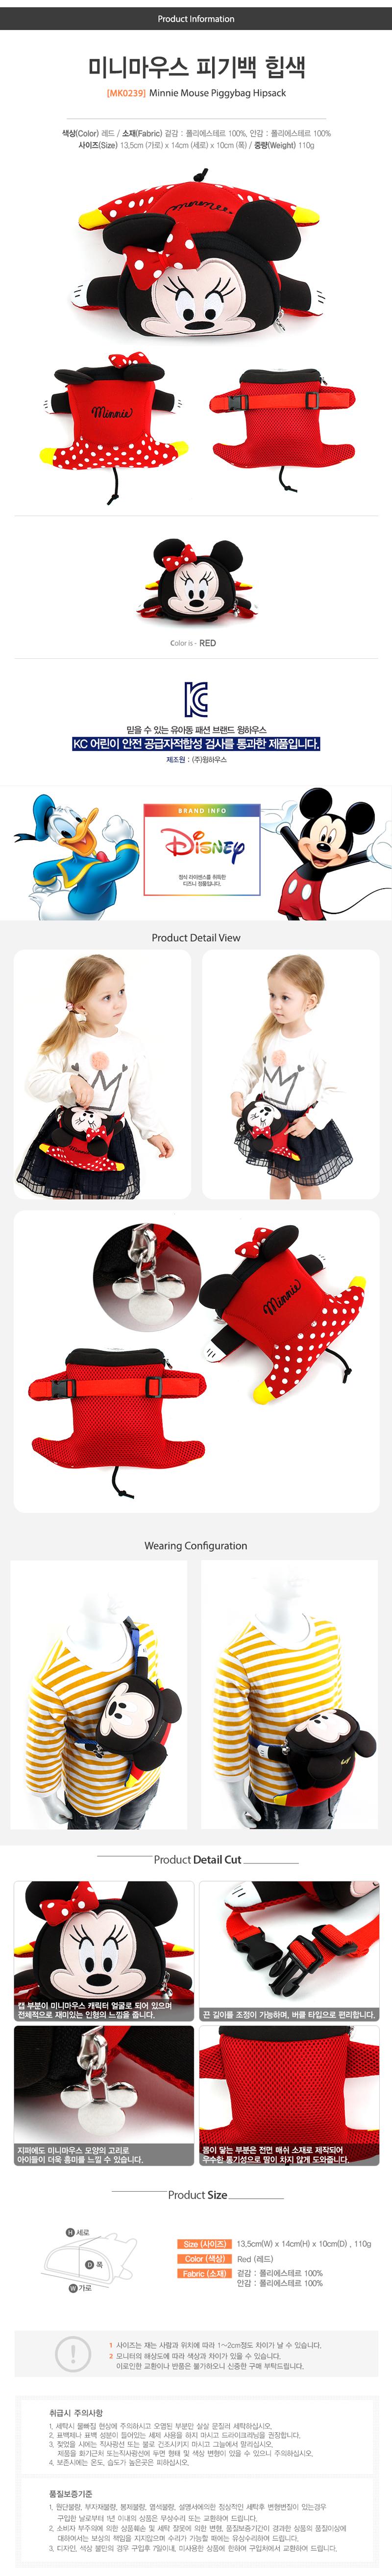 미니마우스 피기백 힙색 디즈니 캐릭터 인형 가방 - 쥬피터, 27,500원, 가방, 크로스/숄더백